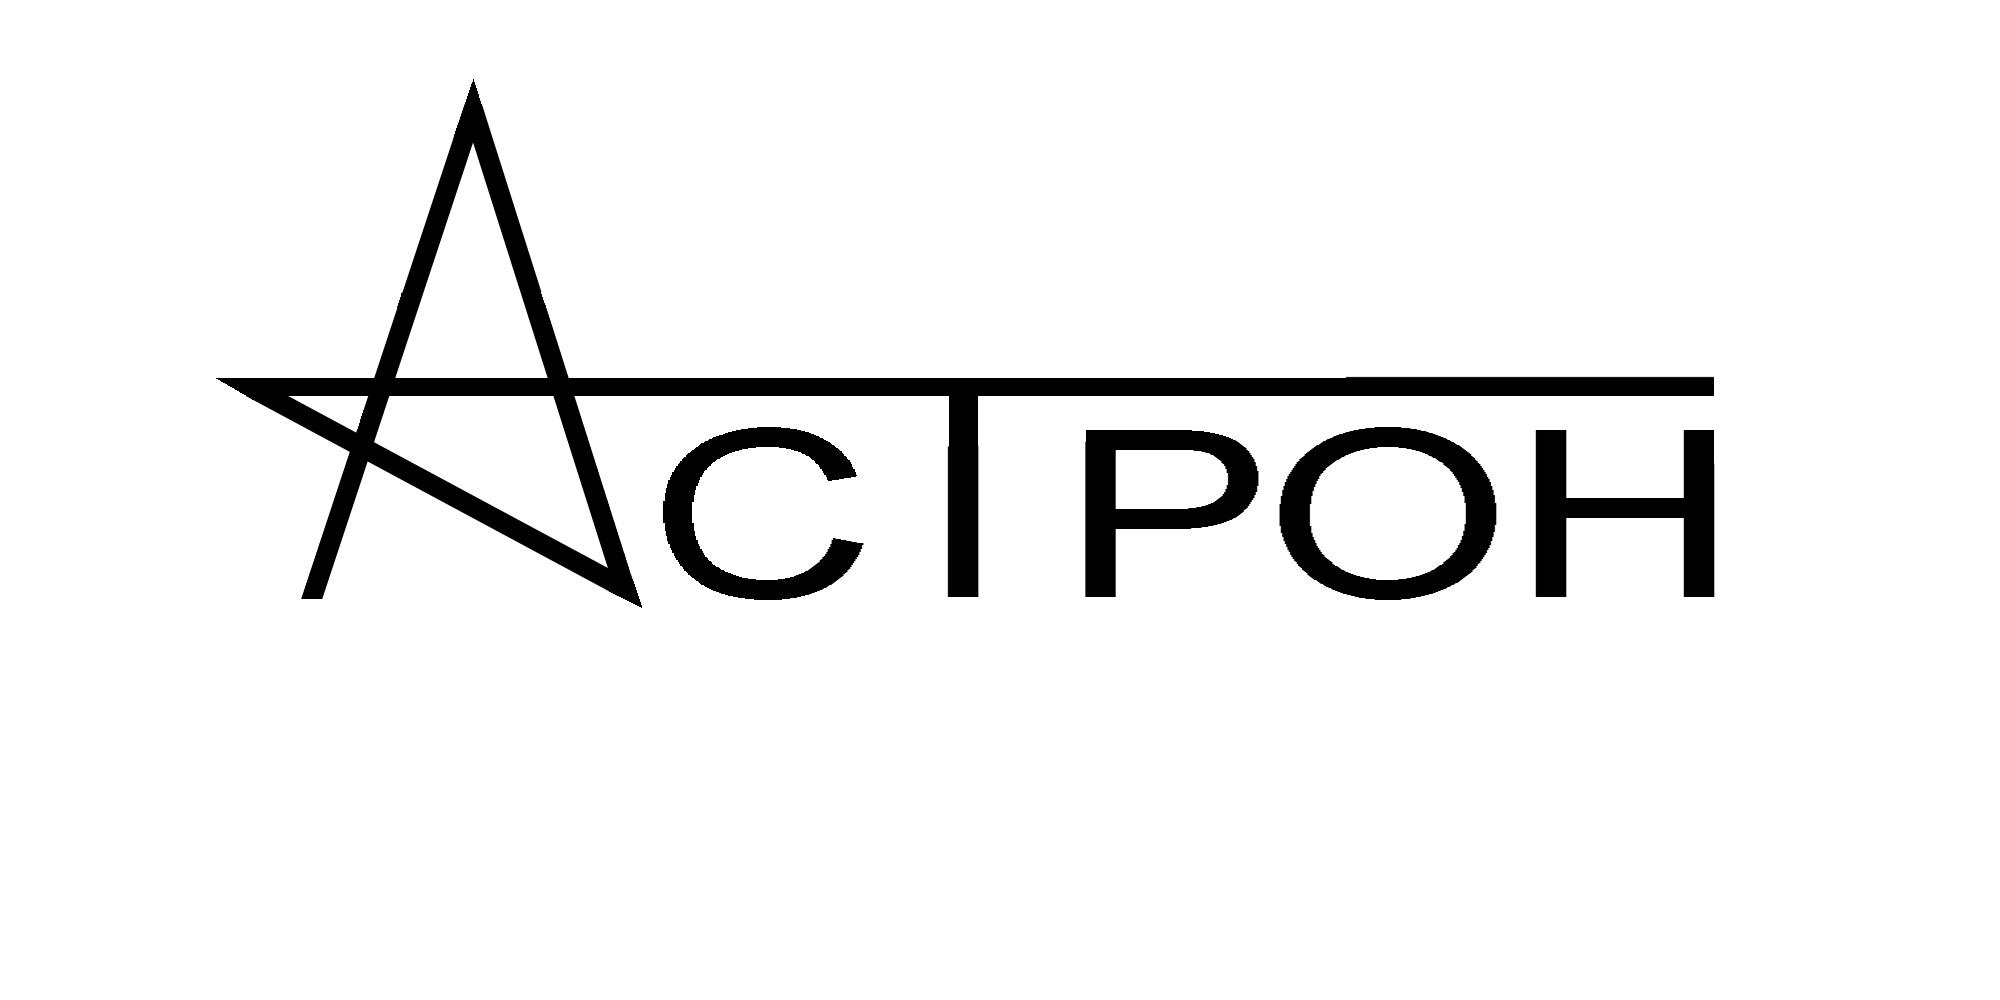 Товарный знак оптоэлектронного предприятия фото f_40753fe2f69bf86b.jpg